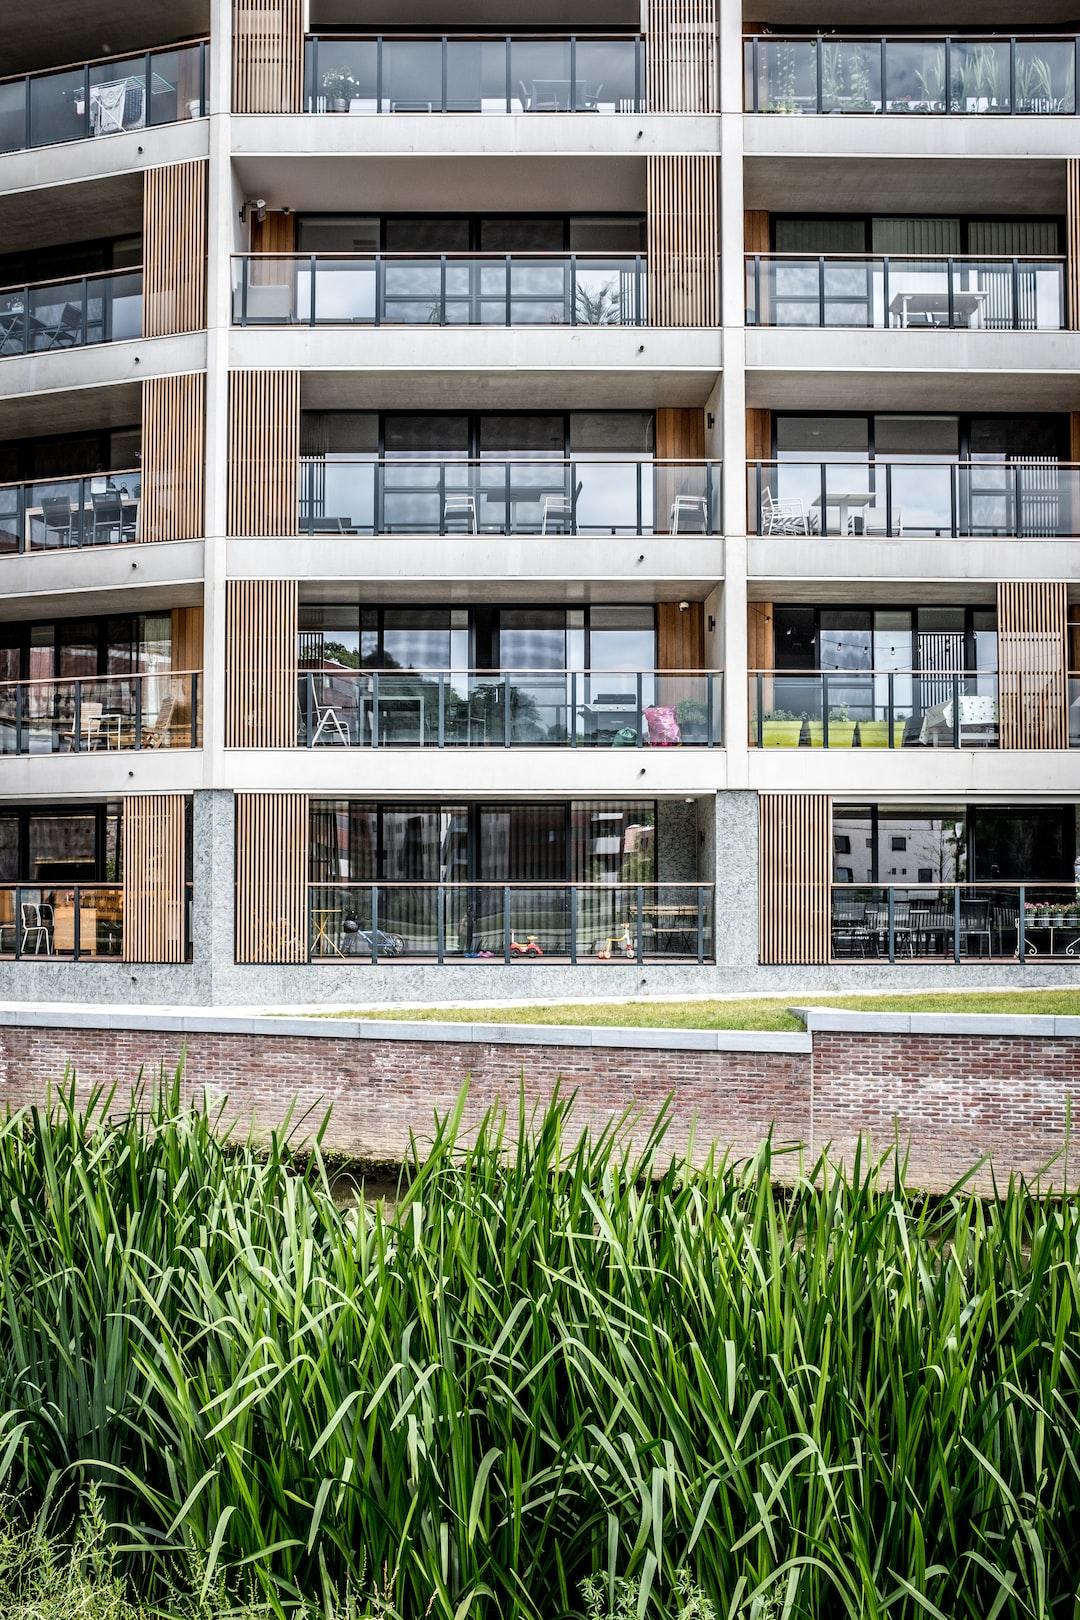 Apartment in Leuven (Belgium)